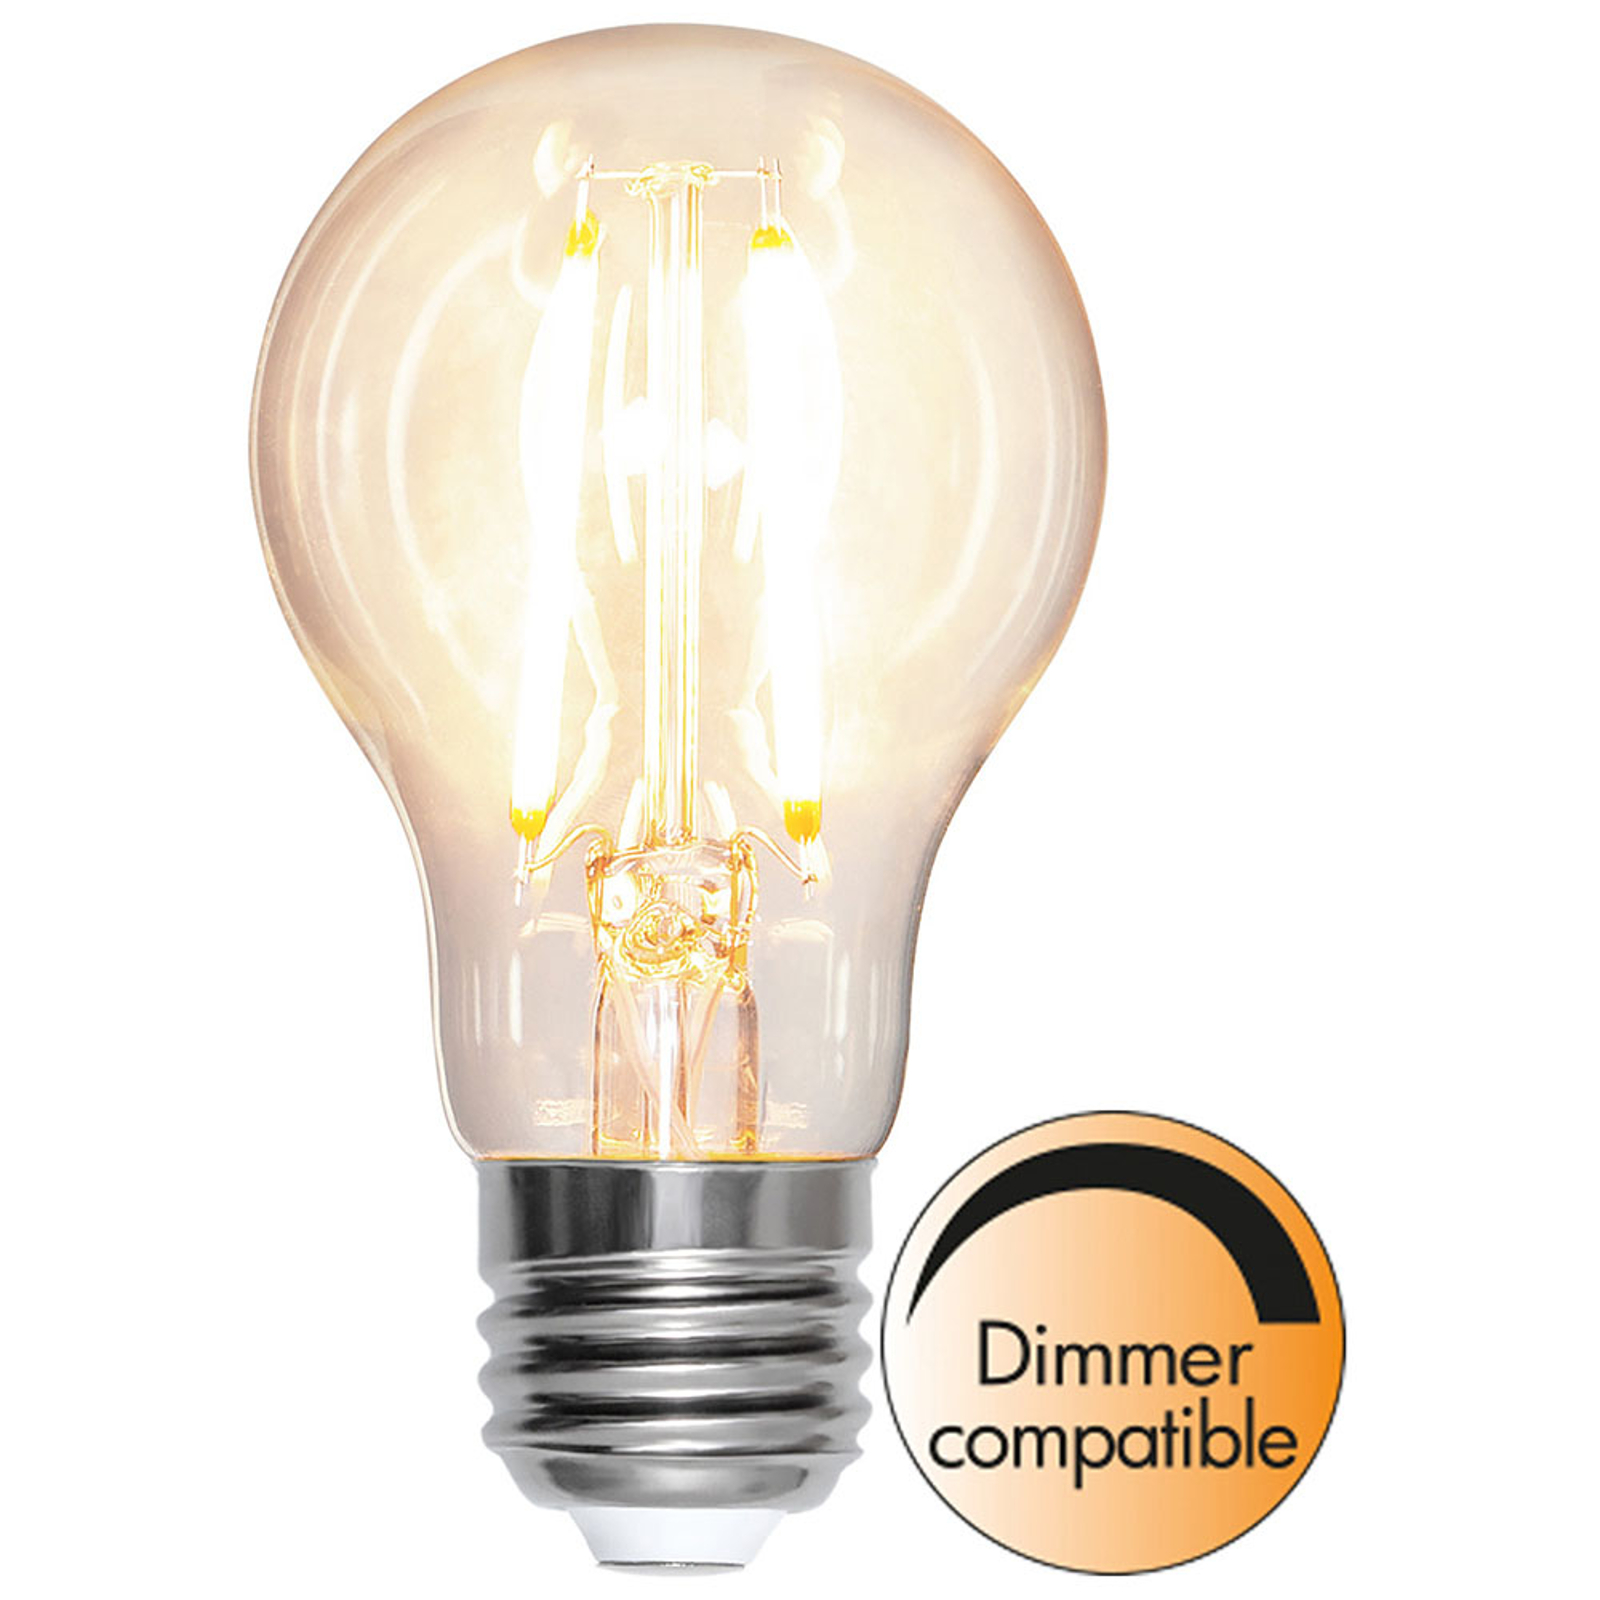 LED-pære E27 A60 8W 2700K filament 810lm dimbar